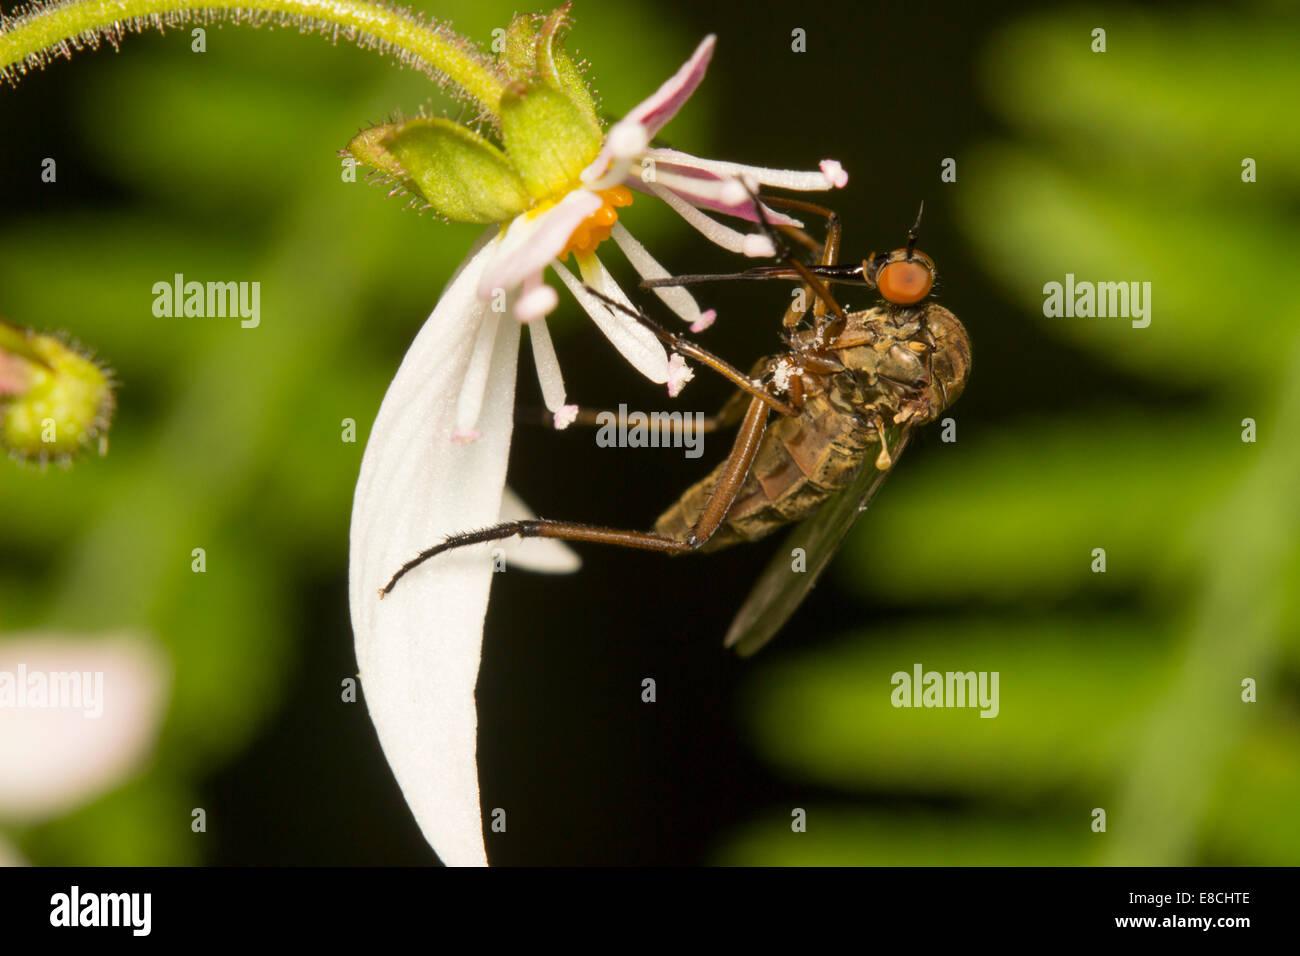 Female Empis livida, dance fly, feeding on Saxifraga stolonifera - Stock Image